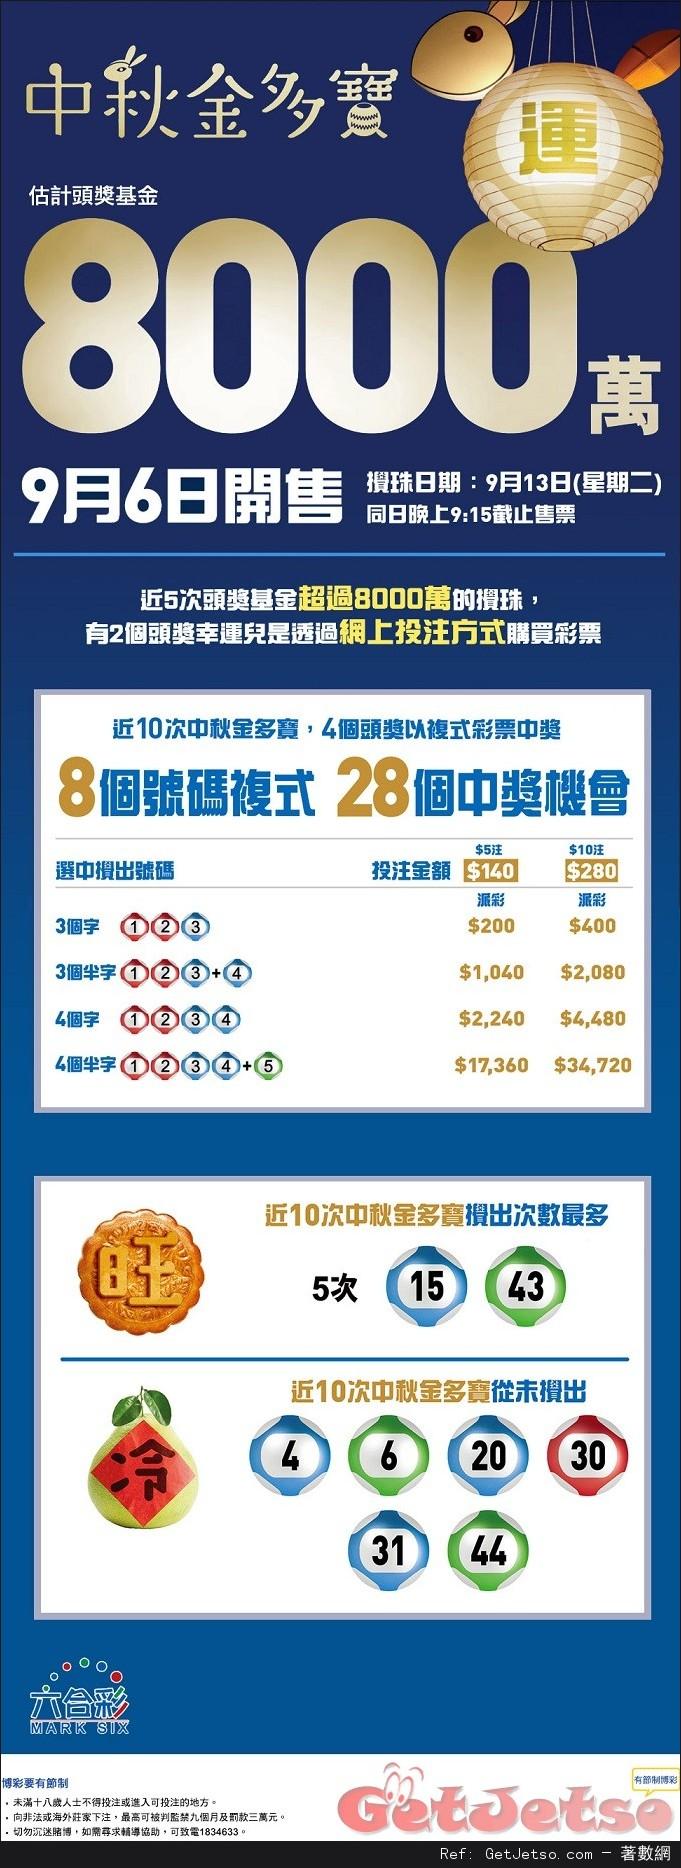 六合彩中秋金多寶頭獎獎金達8000萬(16年9月13日)圖片1